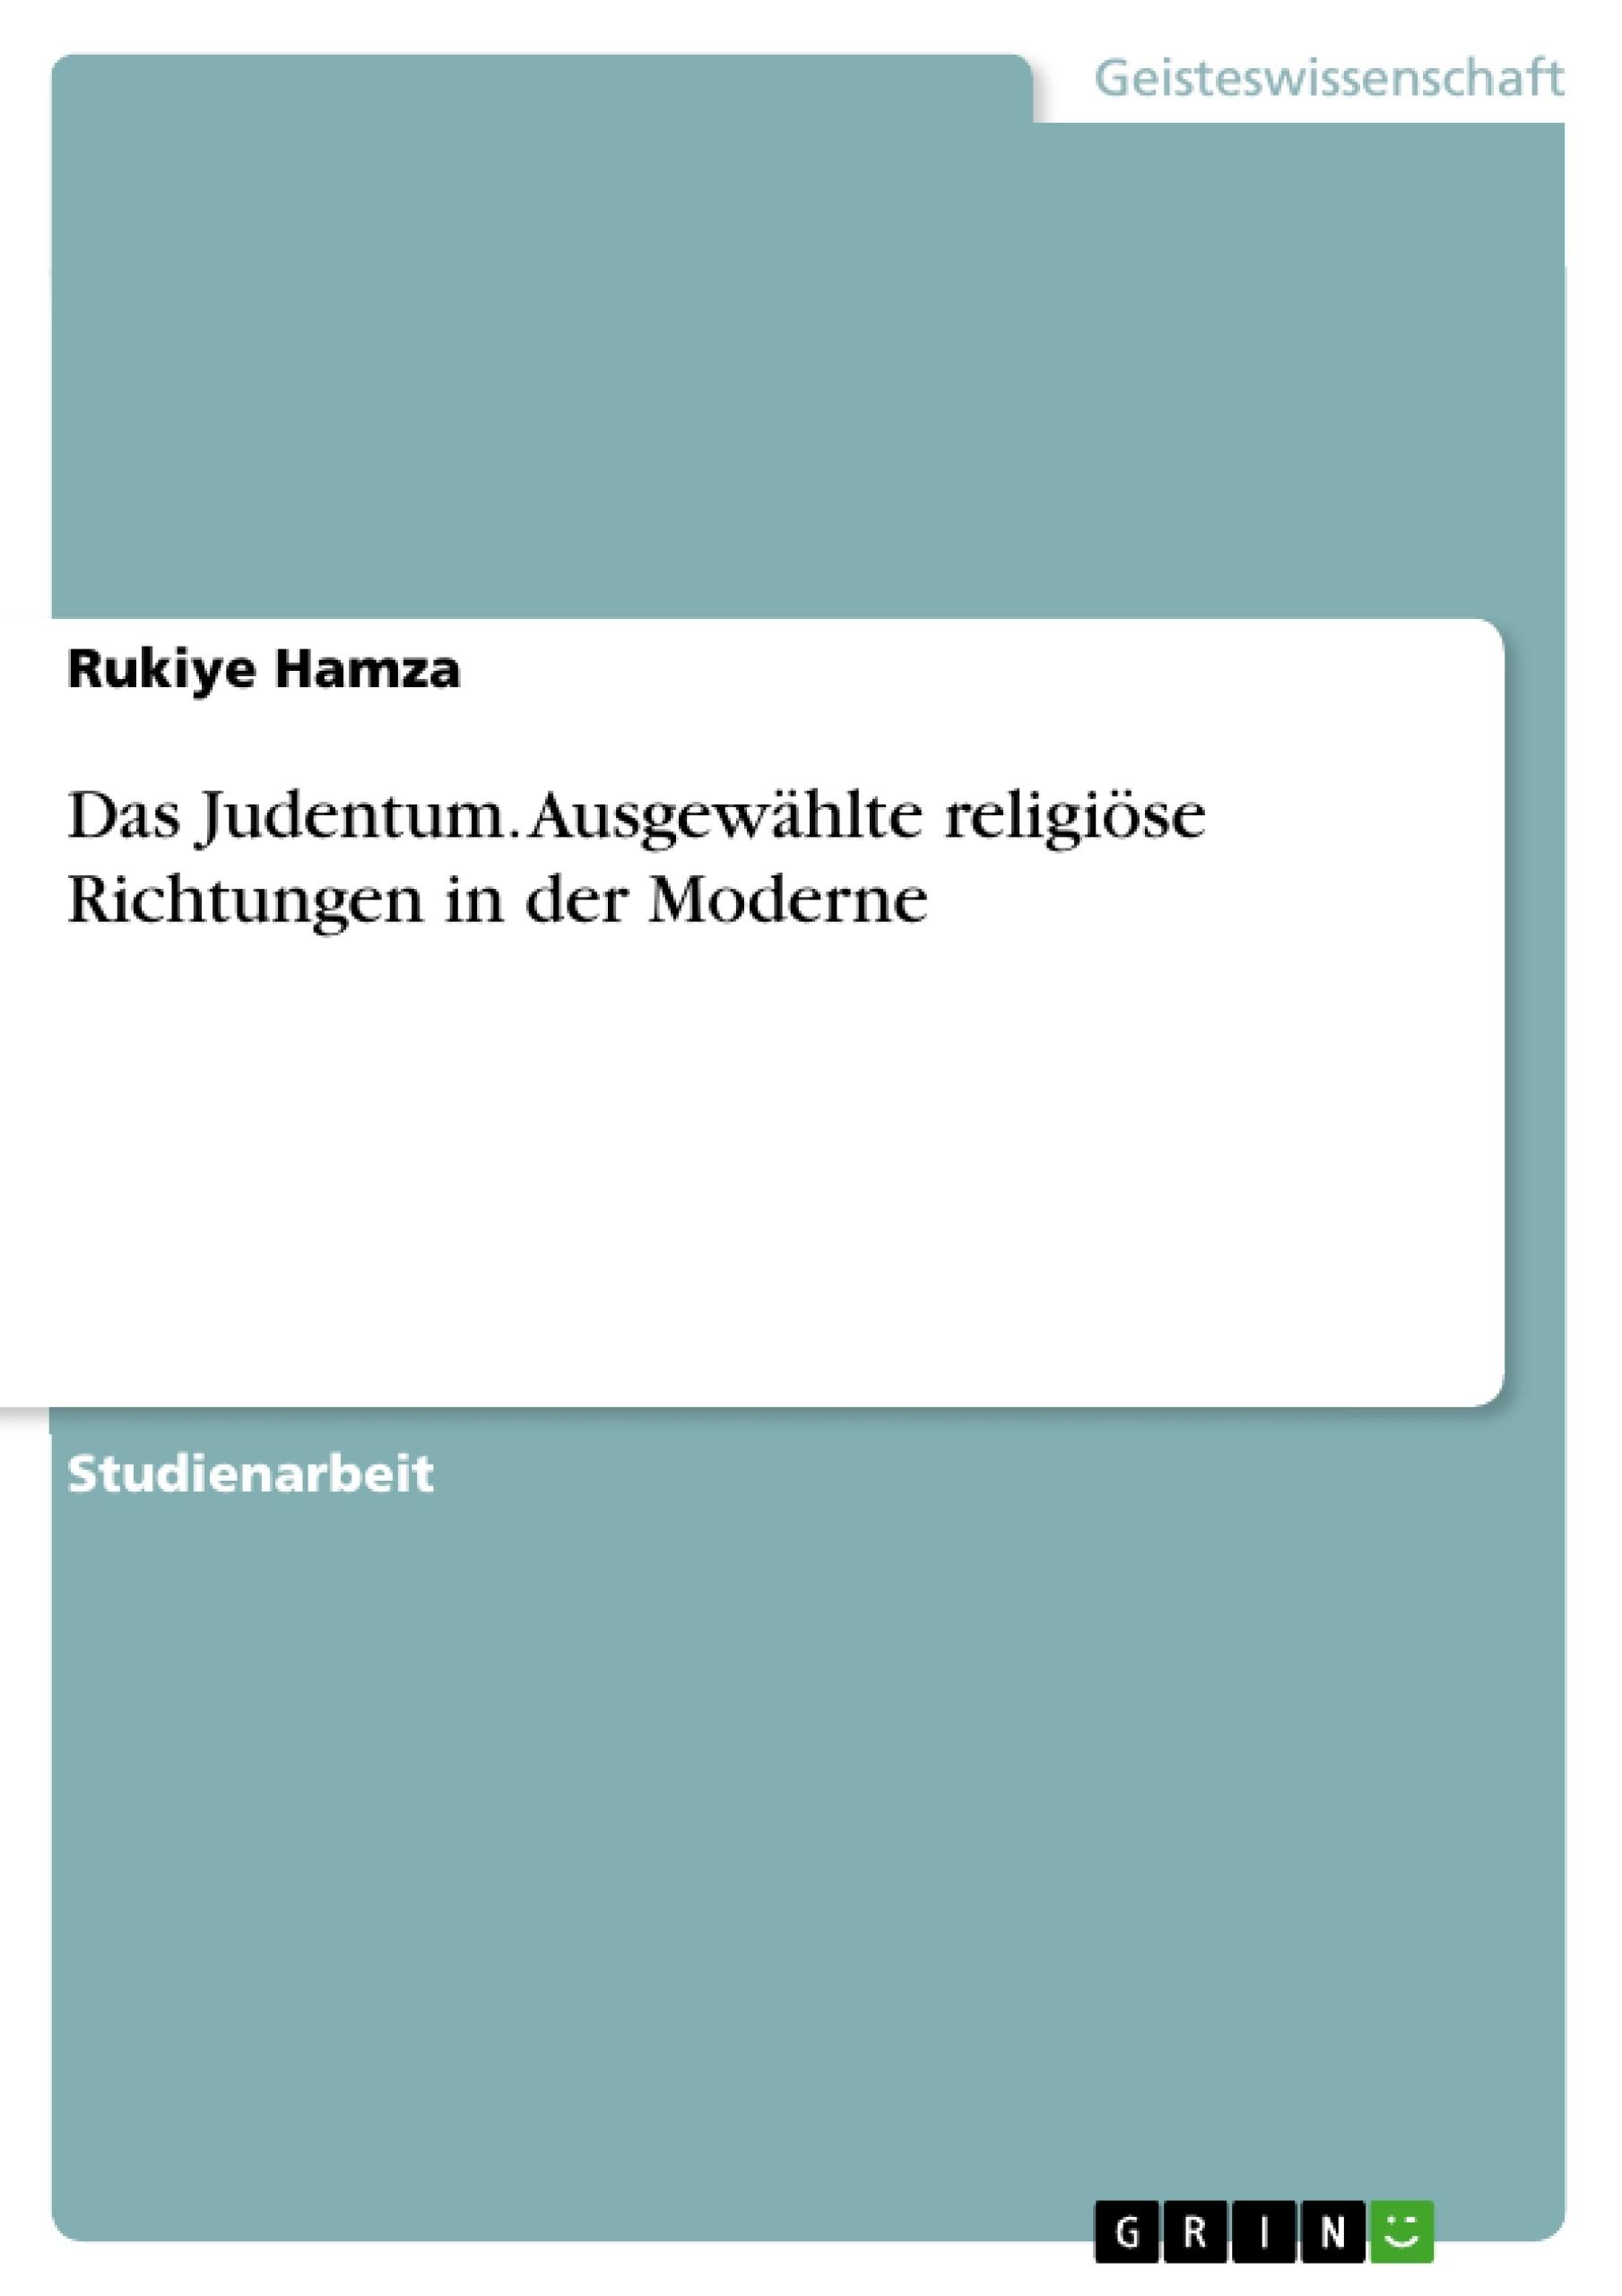 Titel: Das Judentum. Ausgewählte religiöse Richtungen in der Moderne